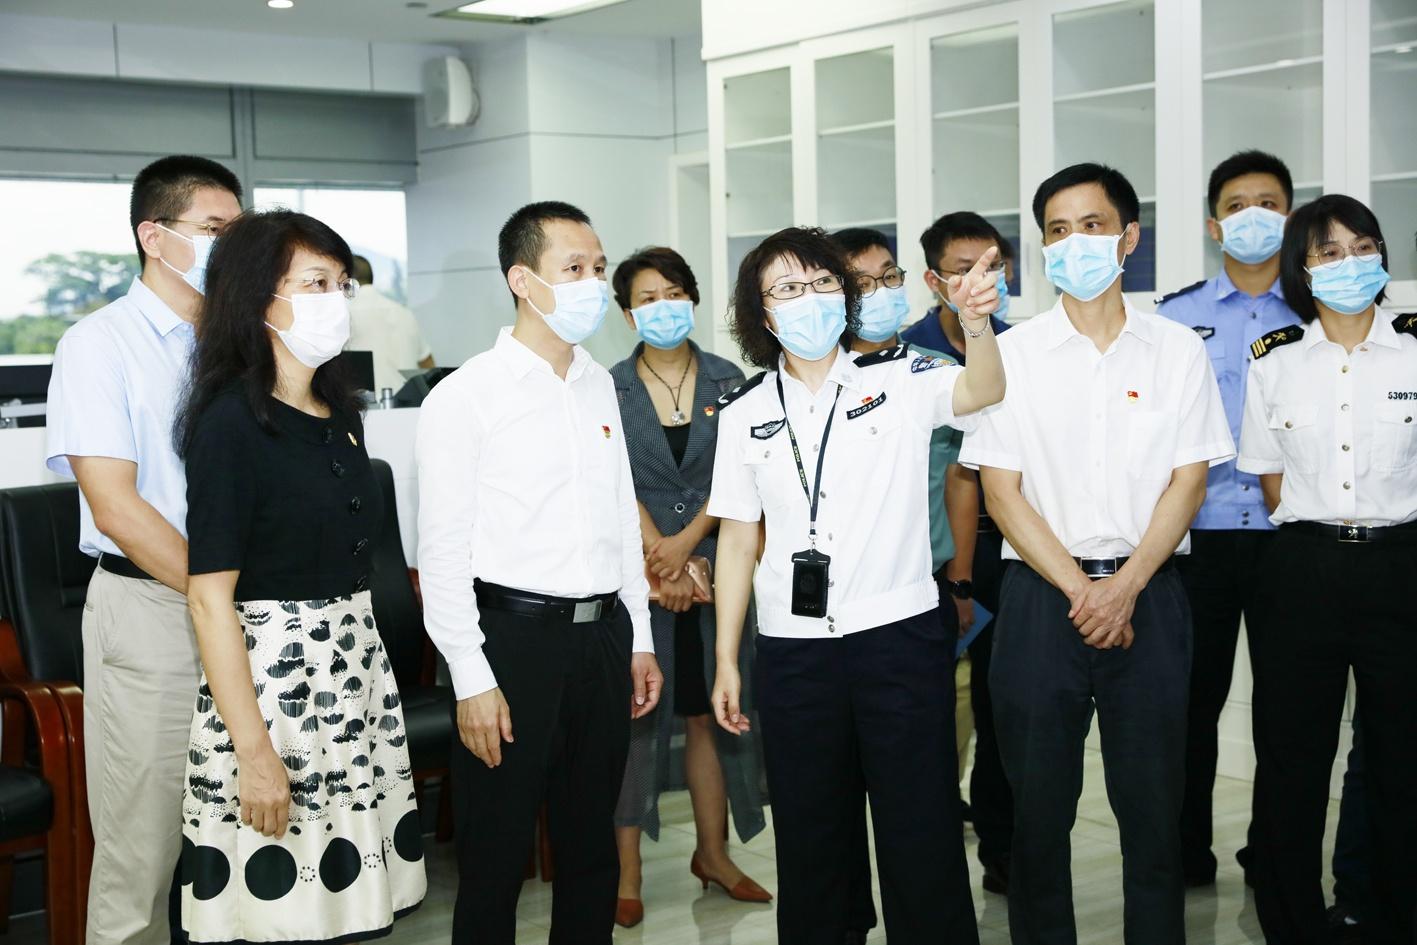 时隔一年,曾长期在深圳市南山区工作的市政府秘书长曾湃再度回到南山区任职。